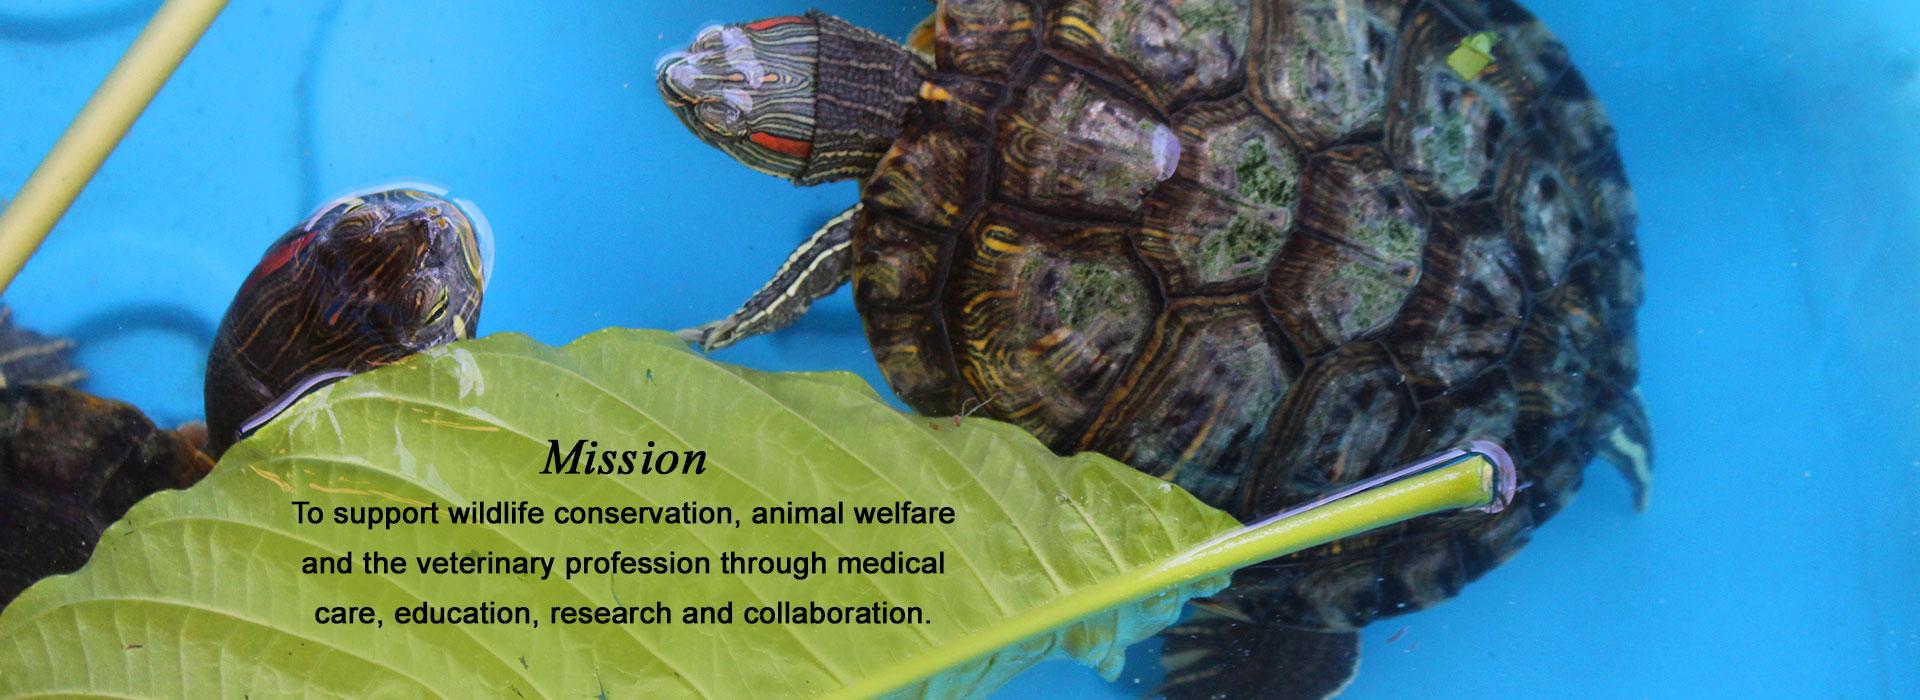 BWRC Mission